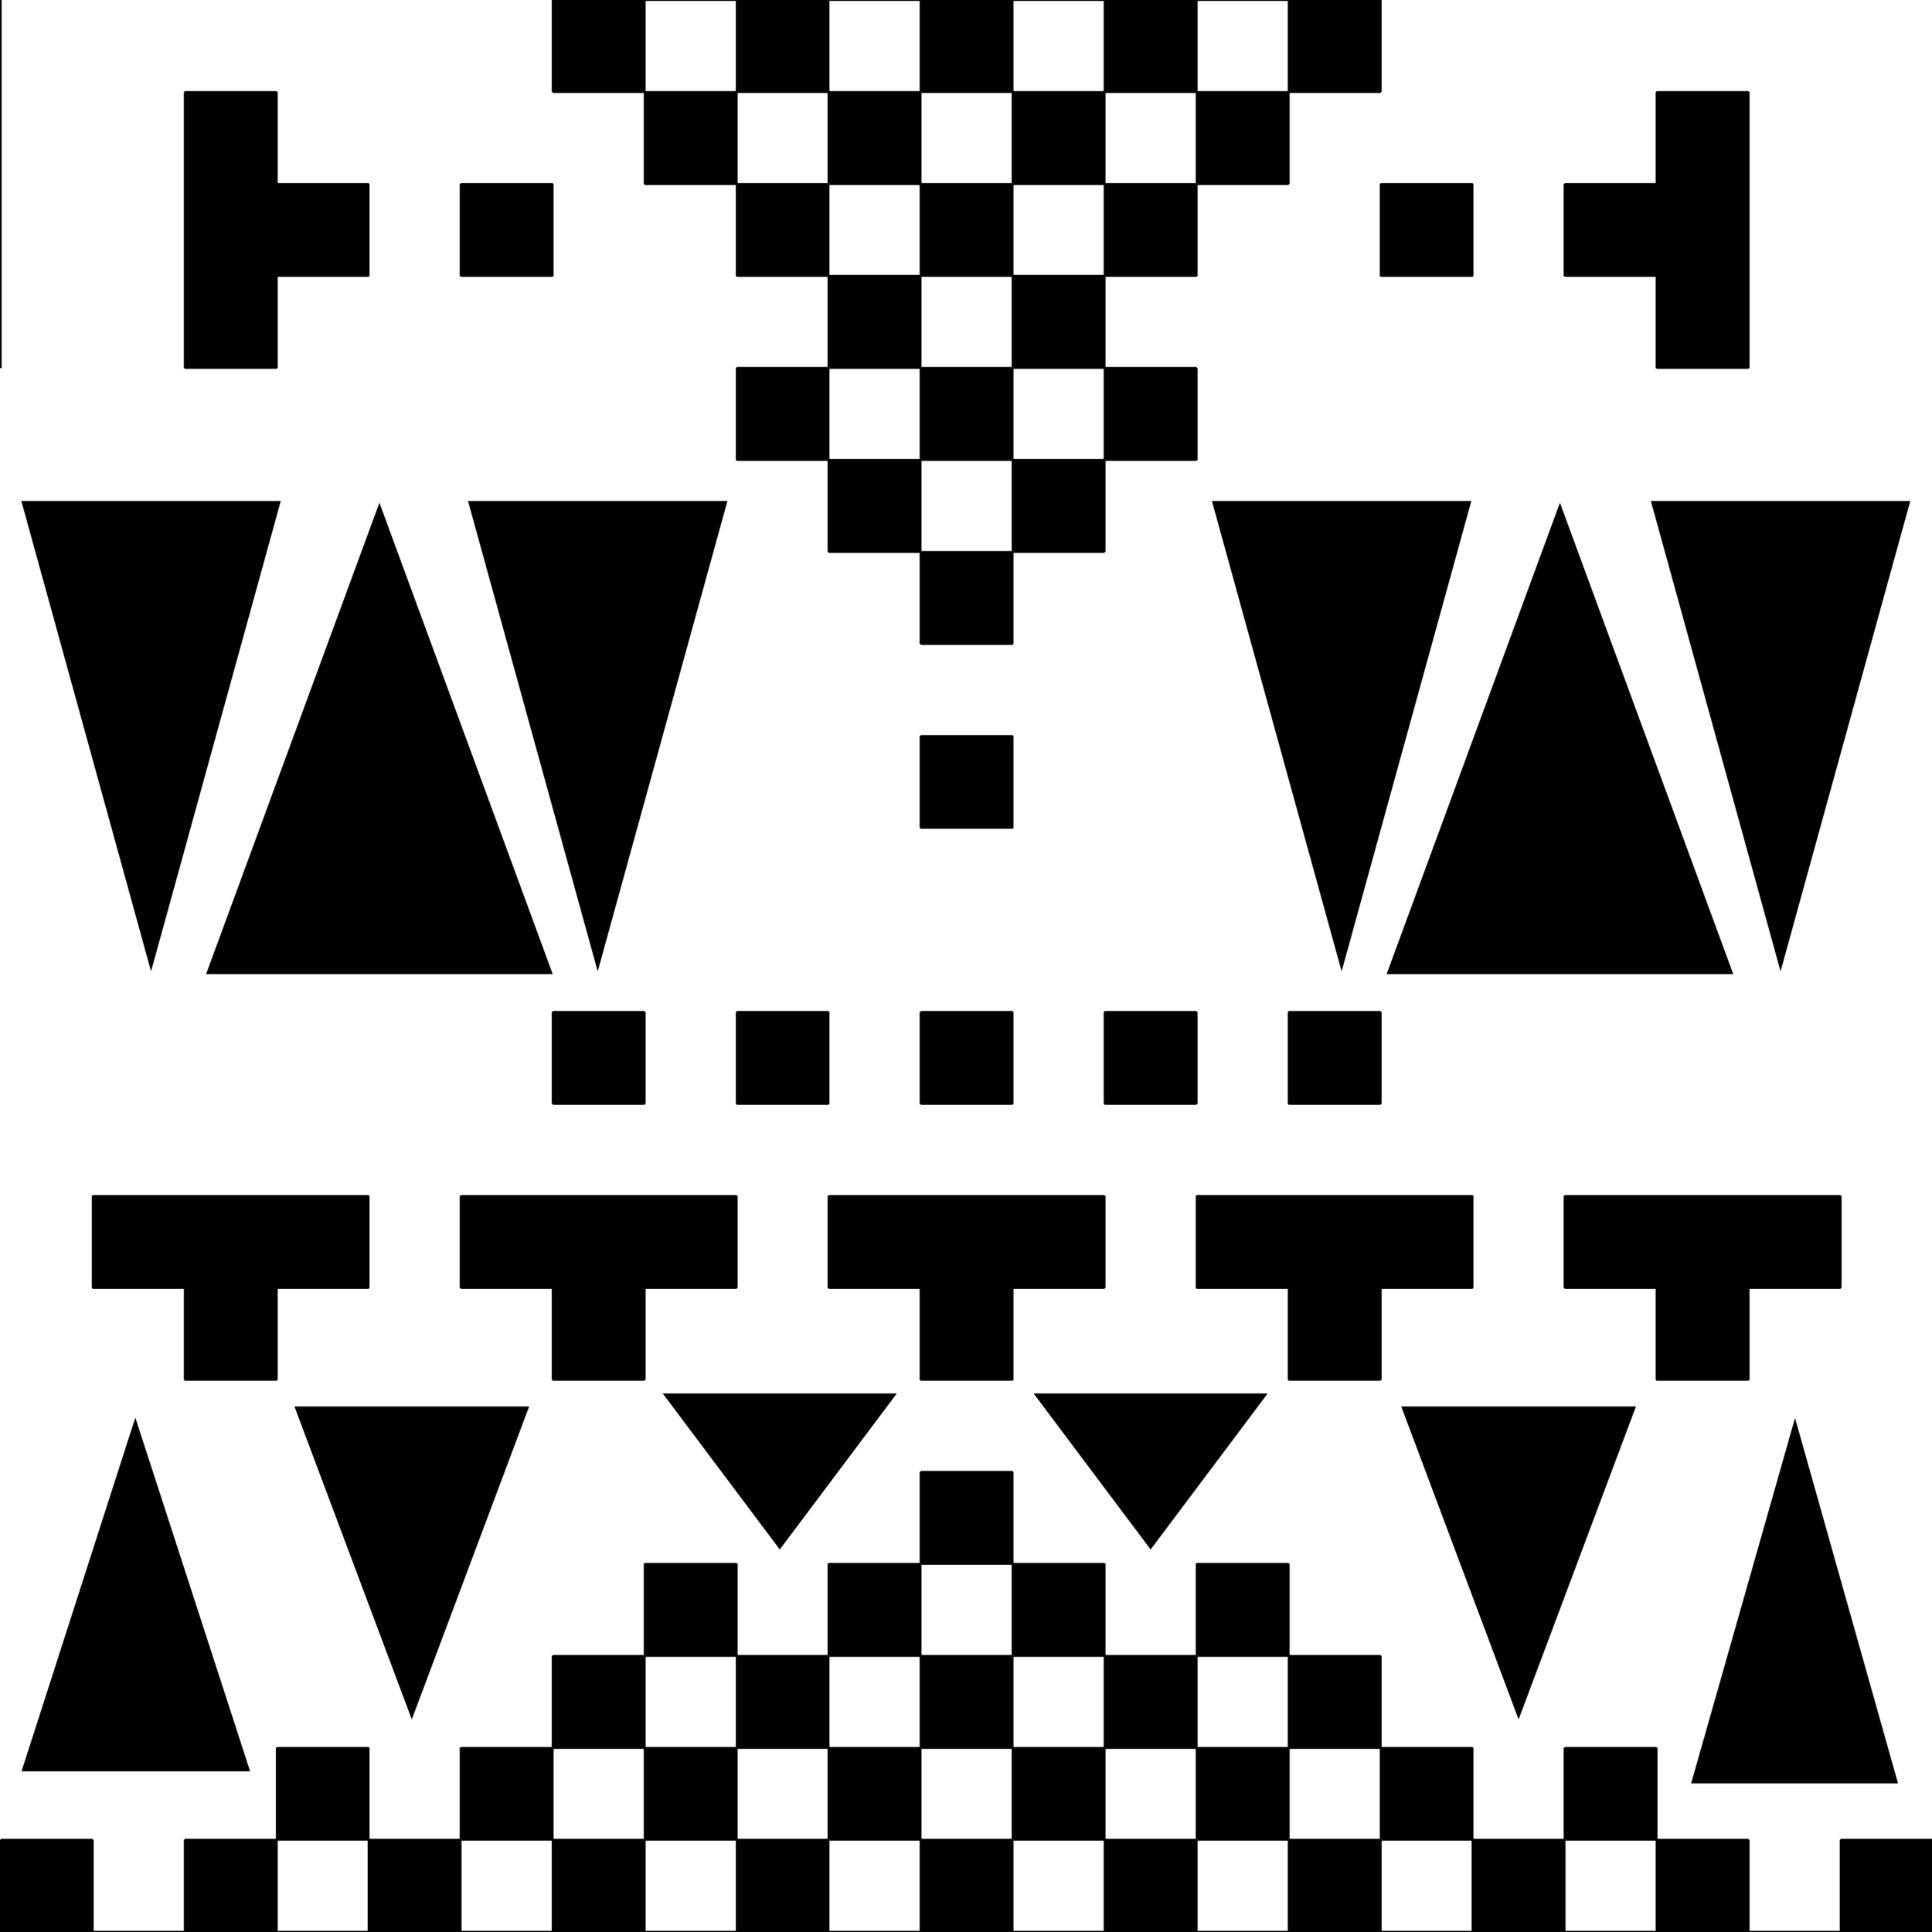 pattern, development, June 2016